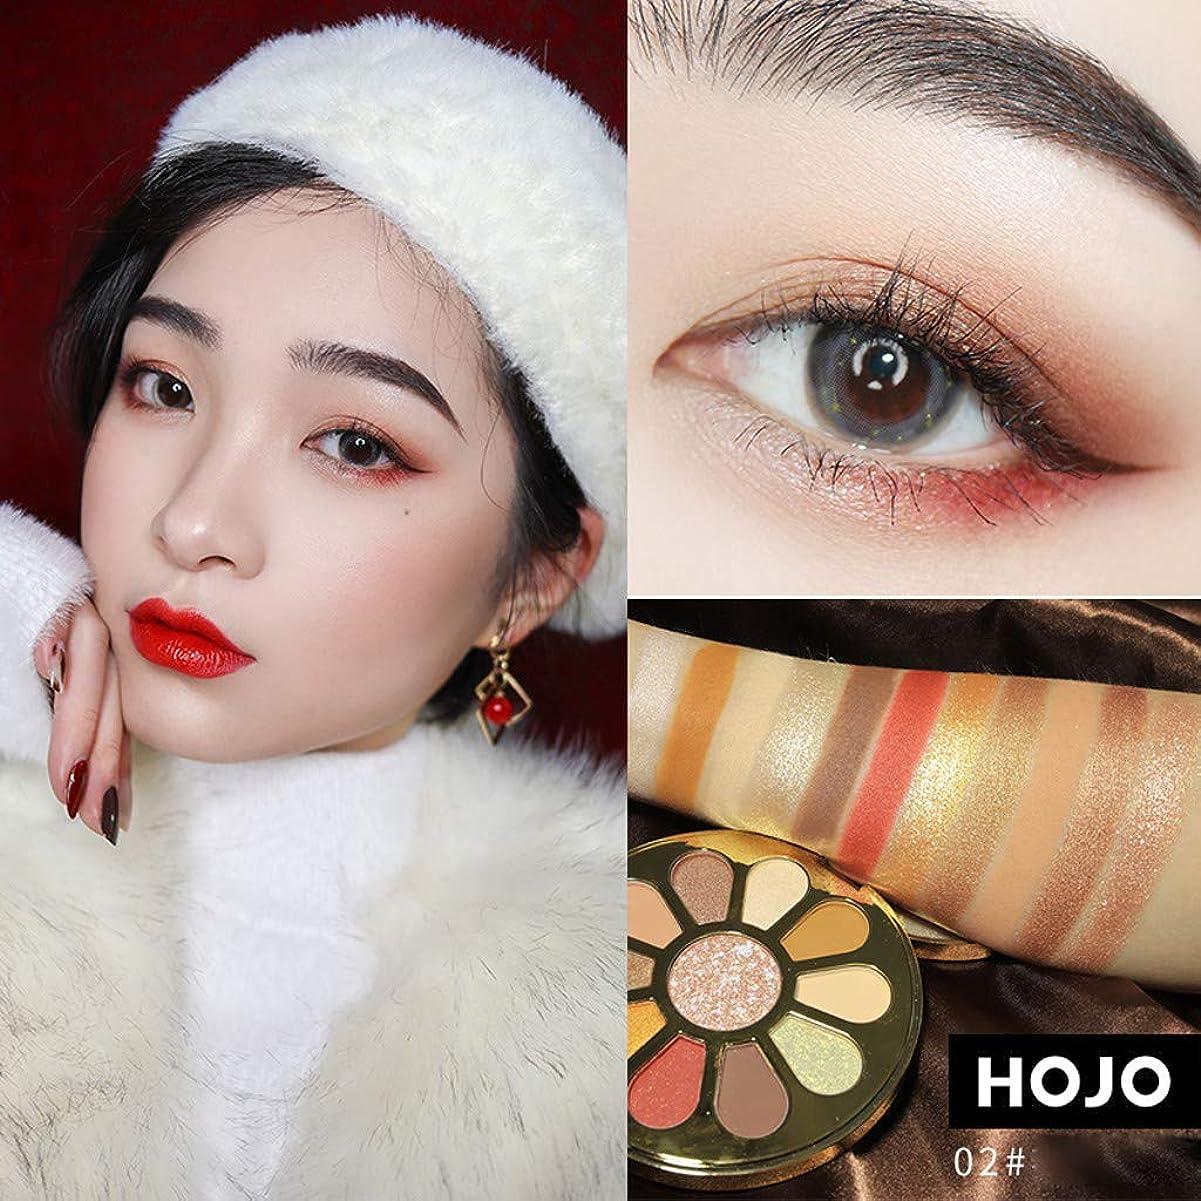 飲料承認する何でもAkane アイシャドウパレット HOJO ファッション 魅力的 高級 美しい 優雅な 花 綺麗 キラキラ 素敵 持ち便利 日常 Eye Shadow (11色) 8031